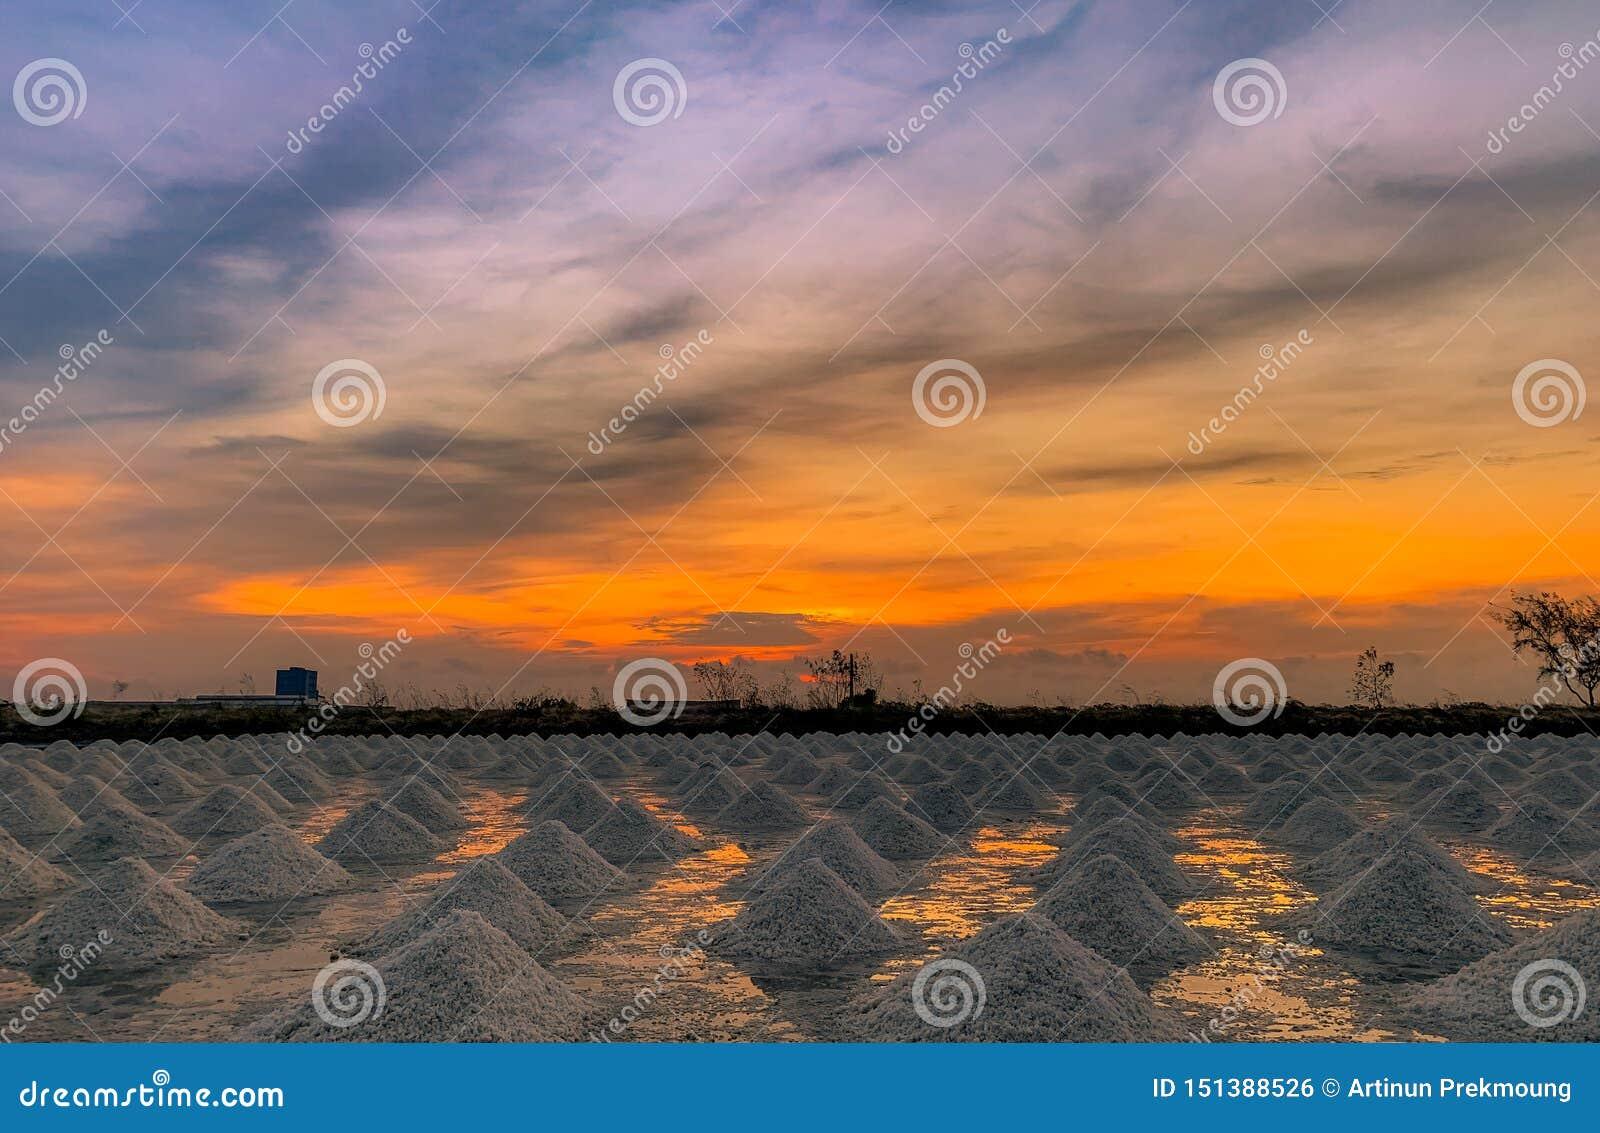 Αλατισμένο αγρόκτημα το πρωί με τον ουρανό ανατολής Οργανικό άλας θάλασσας Εξάτμιση και κρυστάλλωση του θαλάσσιου νερού Πρώτη ύλη